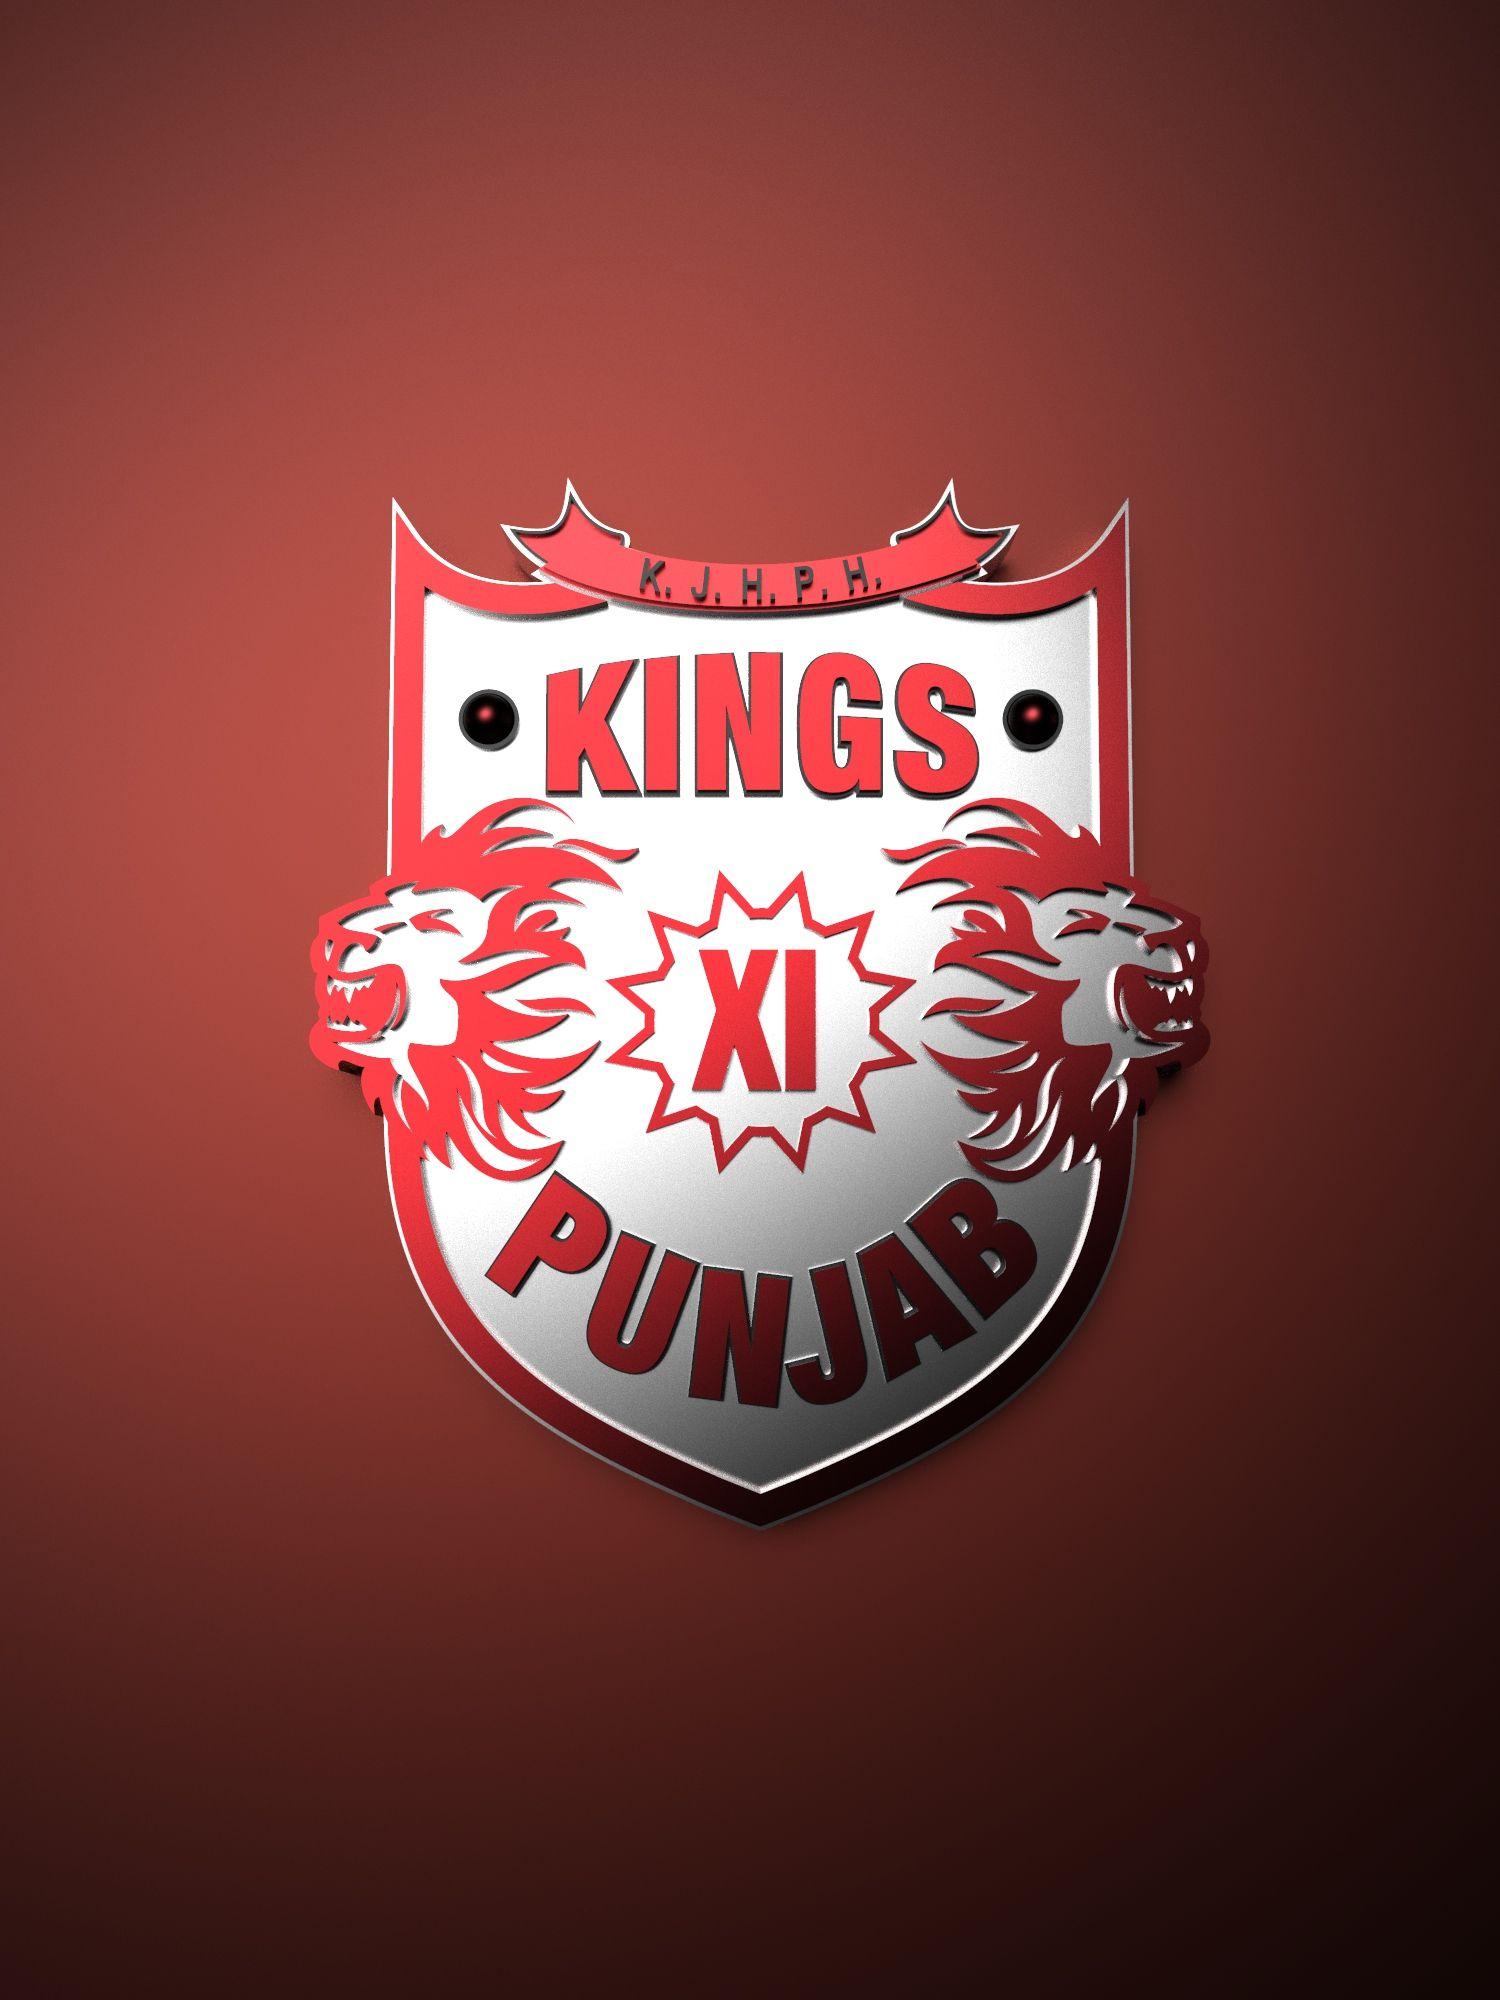 Kings Xi Punjab Ipl Metallic Logo Poster Painting Tenorarts Ipl Cricket Wallpapers Metallic Logo